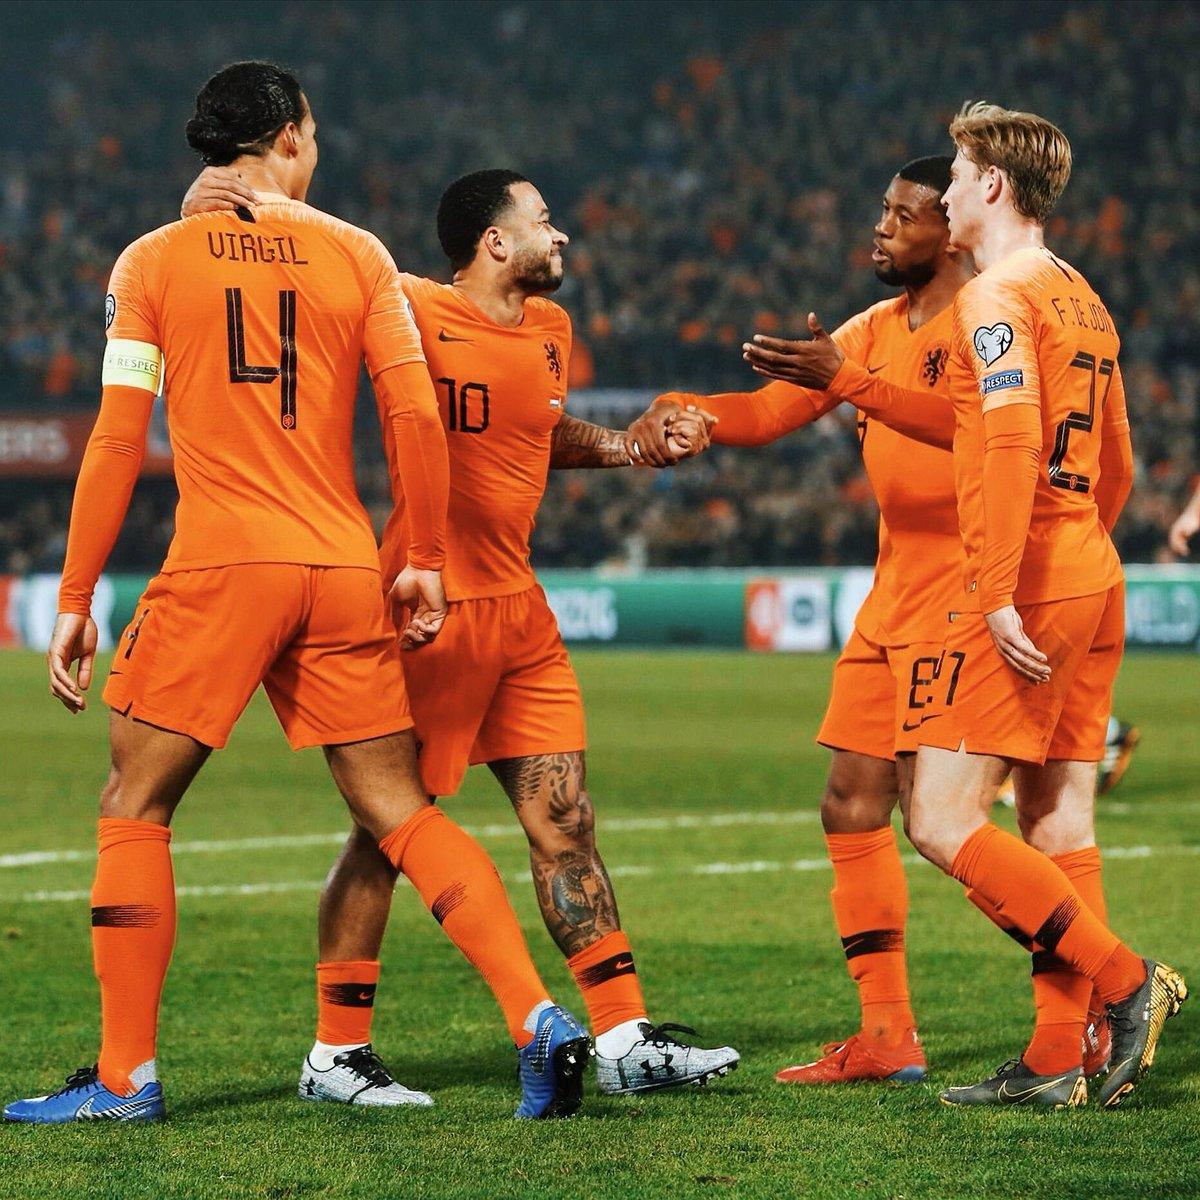 德佩祝贺利物浦荷兰双星:让我们把国家联赛也捧回家